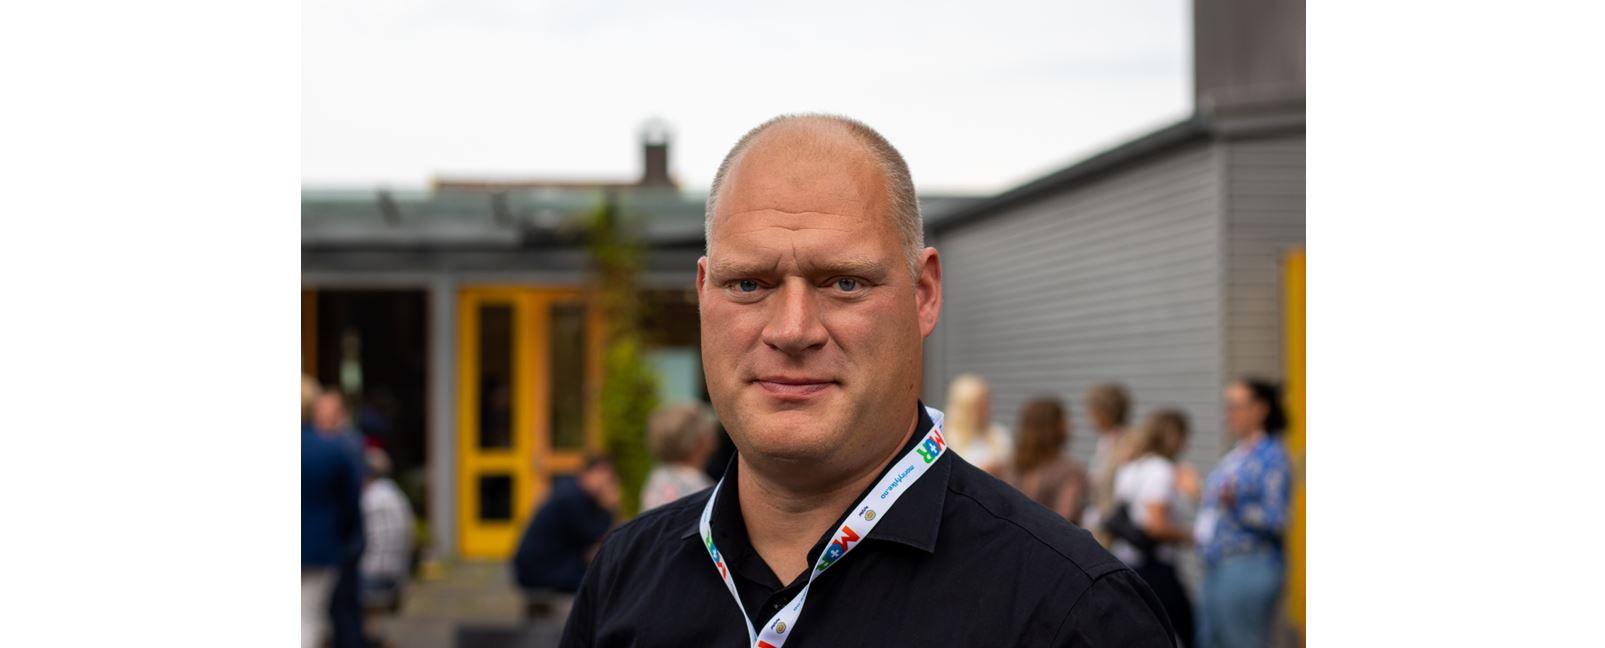 Bilde av rektor Eirik Jåtten